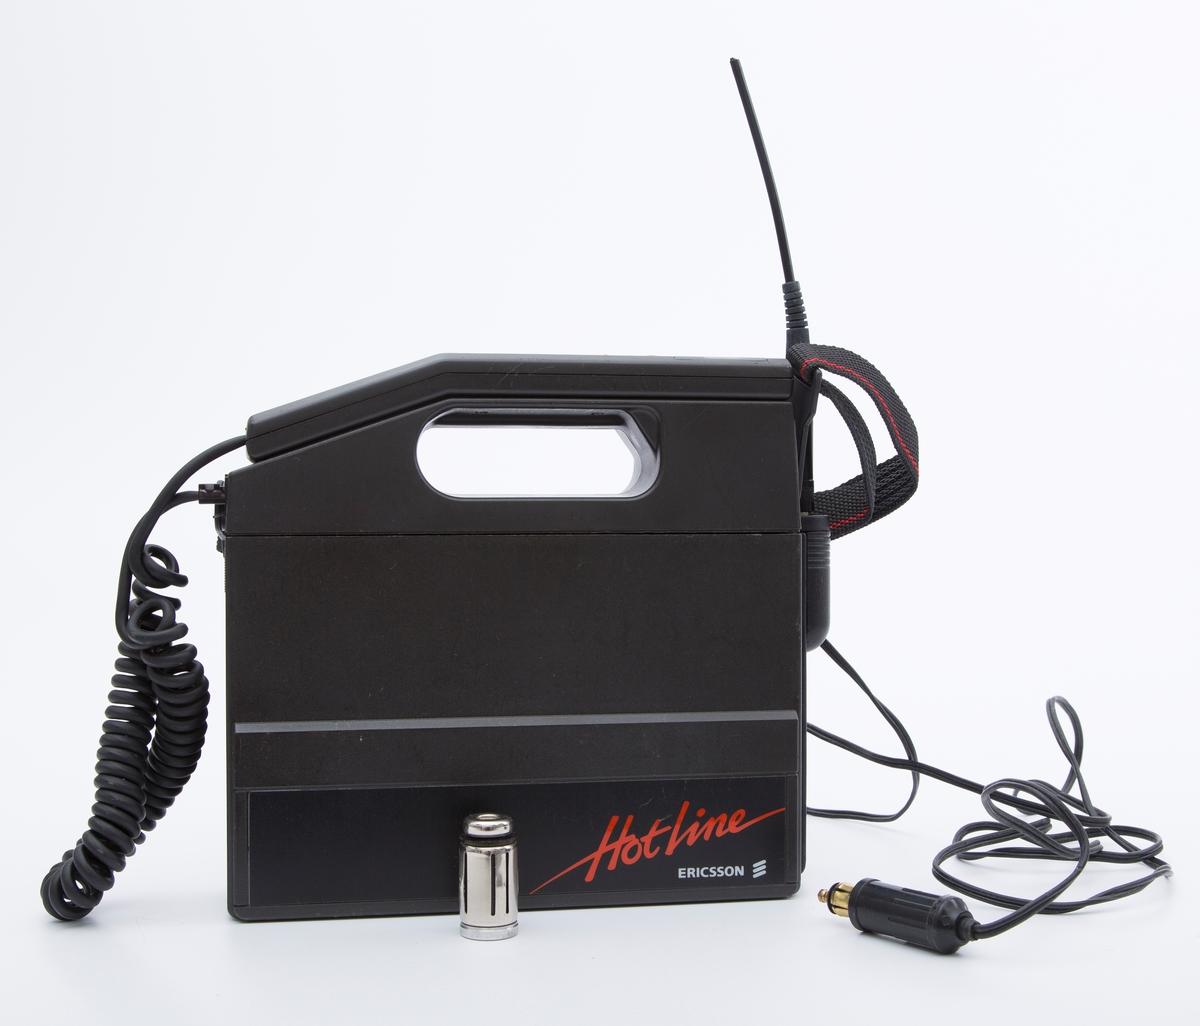 """Mobiltelefon i plast og metall, sort. Firkantet boks med telefonrør og bærerem. Mrk:""""Ericsson"""". """"Hotline"""".  A:Radioenhet  B: Nettenhet  C:Telefonrør D:Antenne E:Rørholder F:Batteri G:Adapter H:Sigarettenner - lader I:Bærerem J:Instruksjonsbok K:div.papirer"""